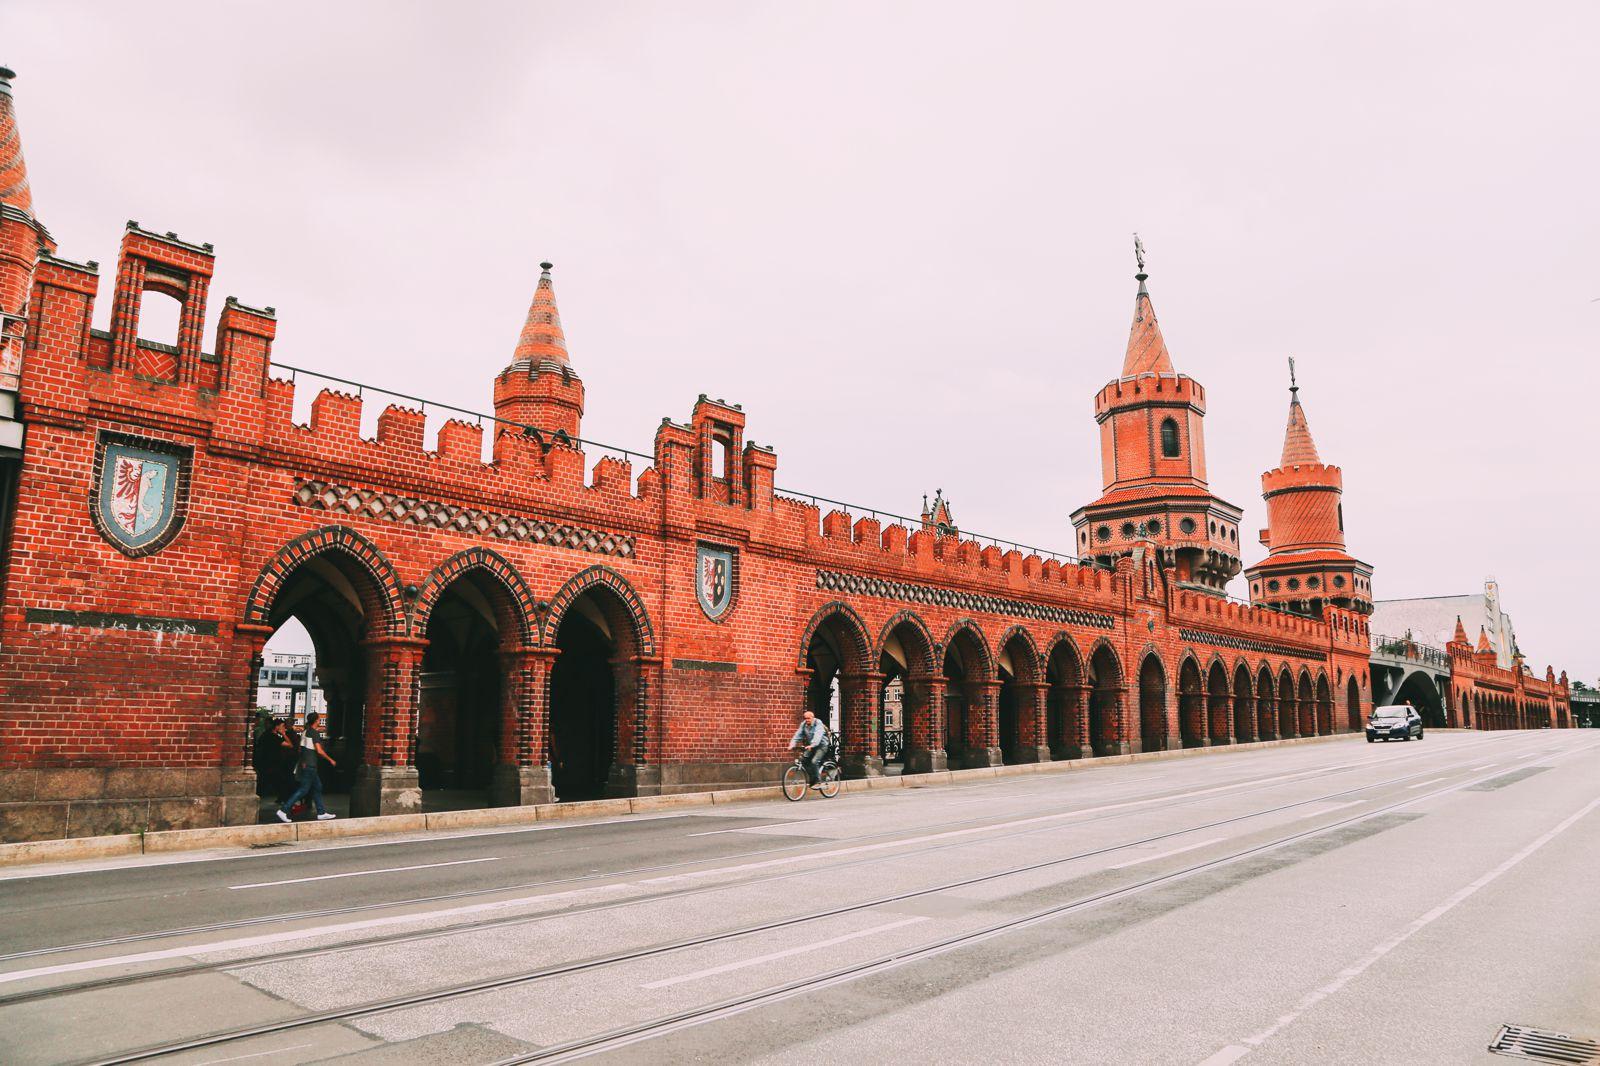 East Side Gallery, Berlin, Germany (1)